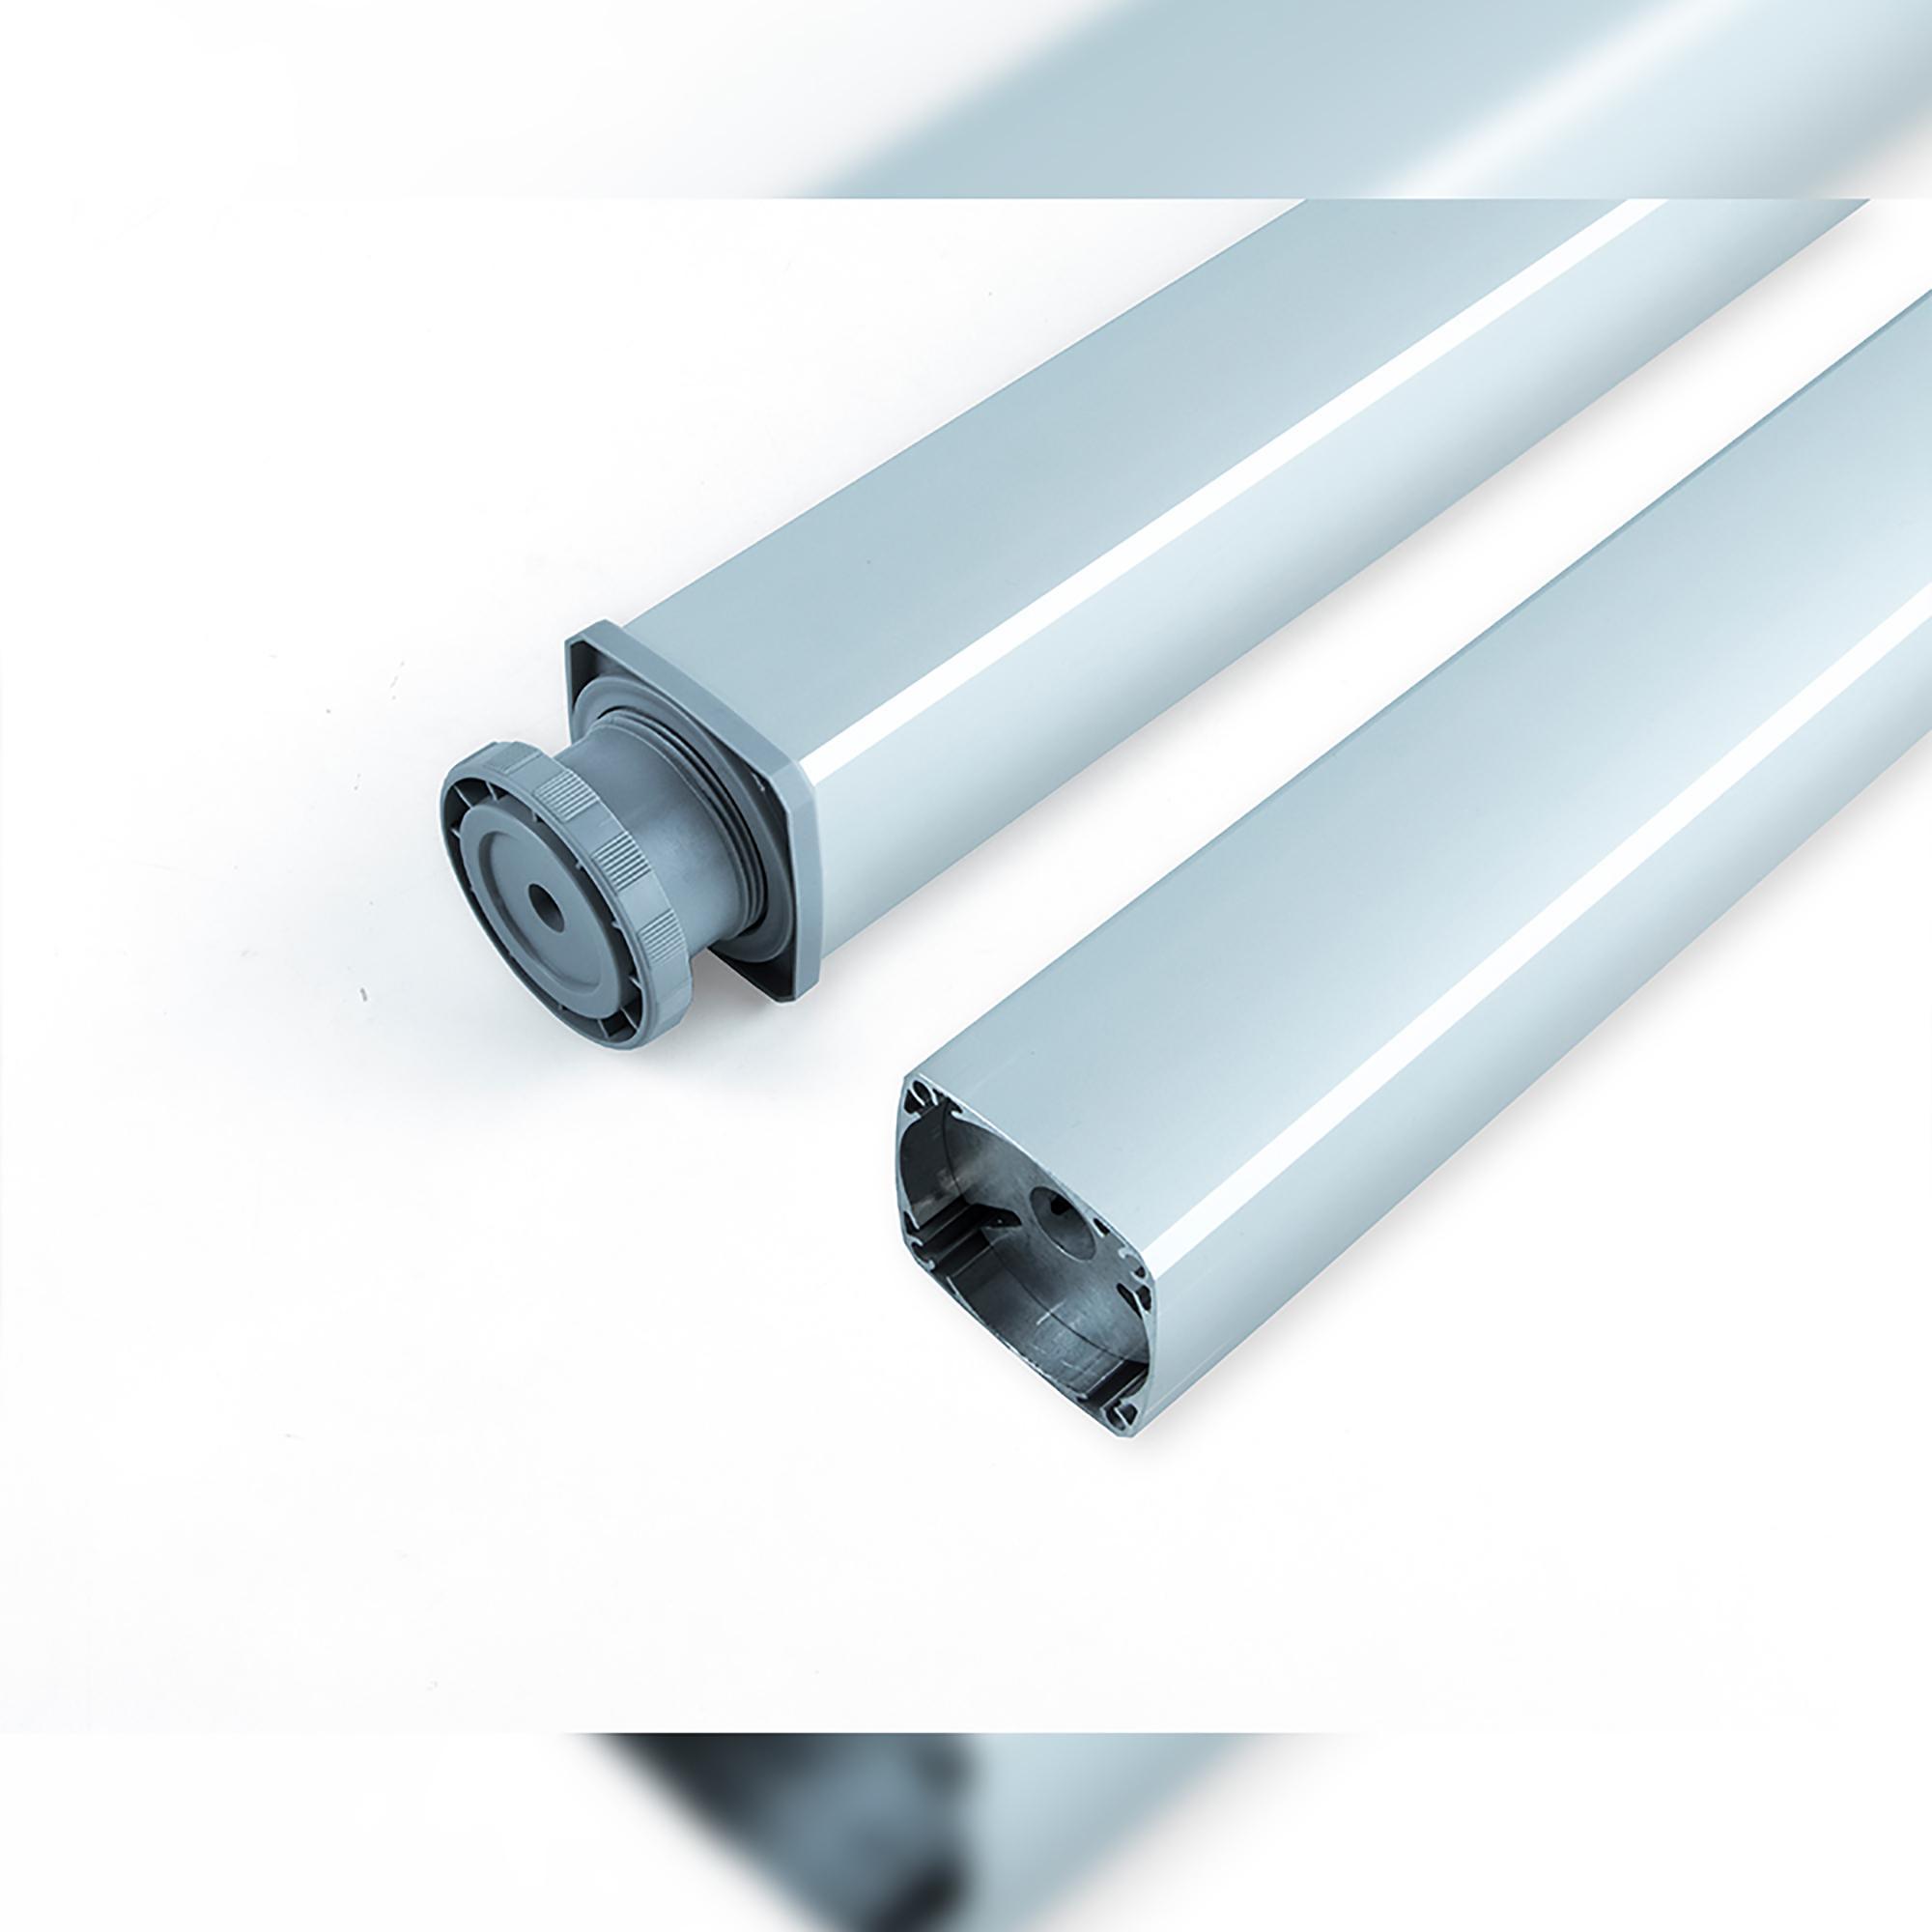 Gambe In Alluminio Per Tavoli.Gambe Regolabili Per Tavolo Fitwid Emuca In Alluminio Emuca